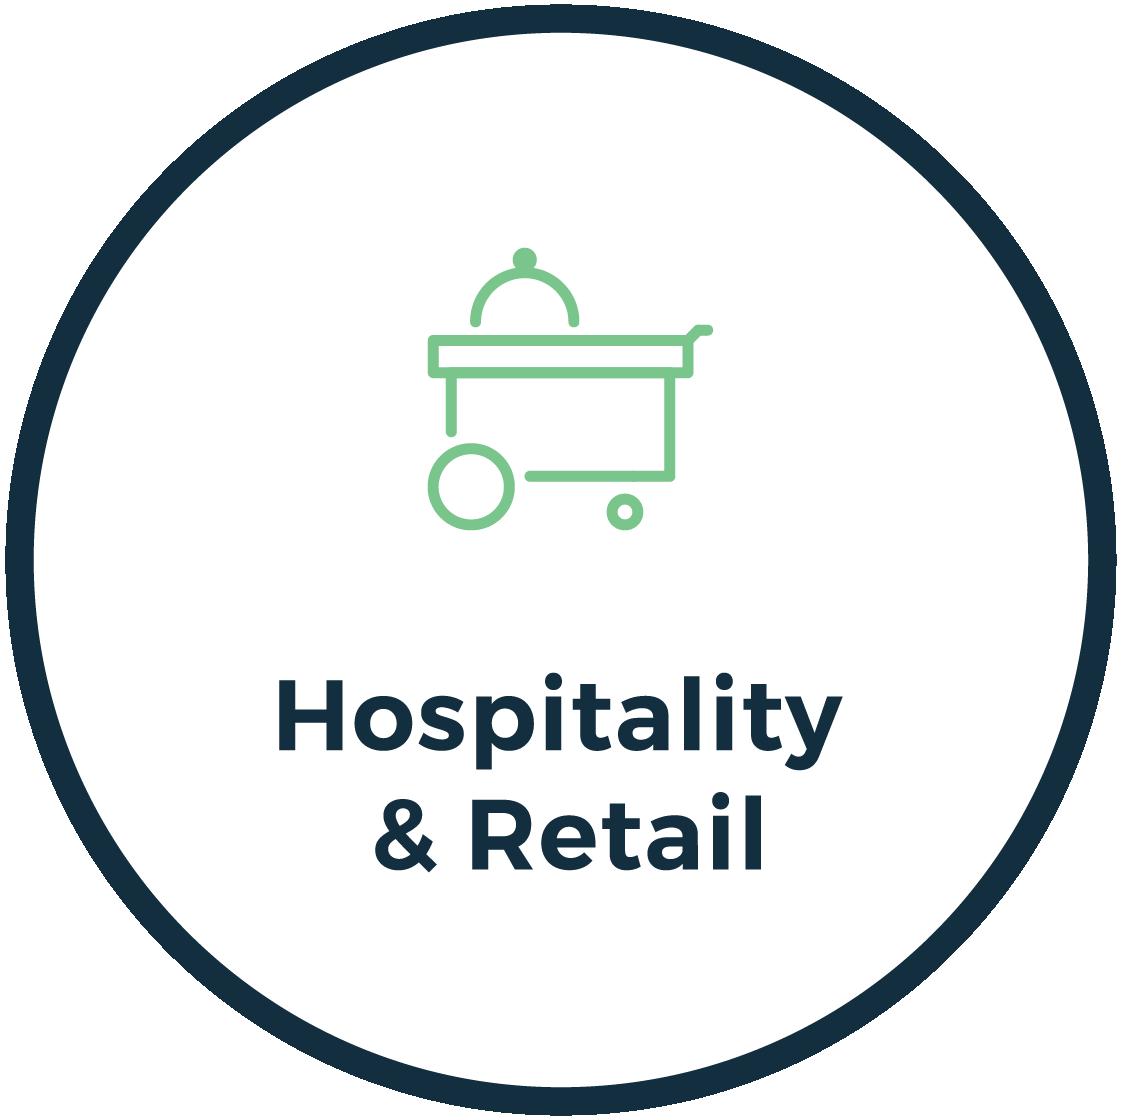 w-hospitality-retail